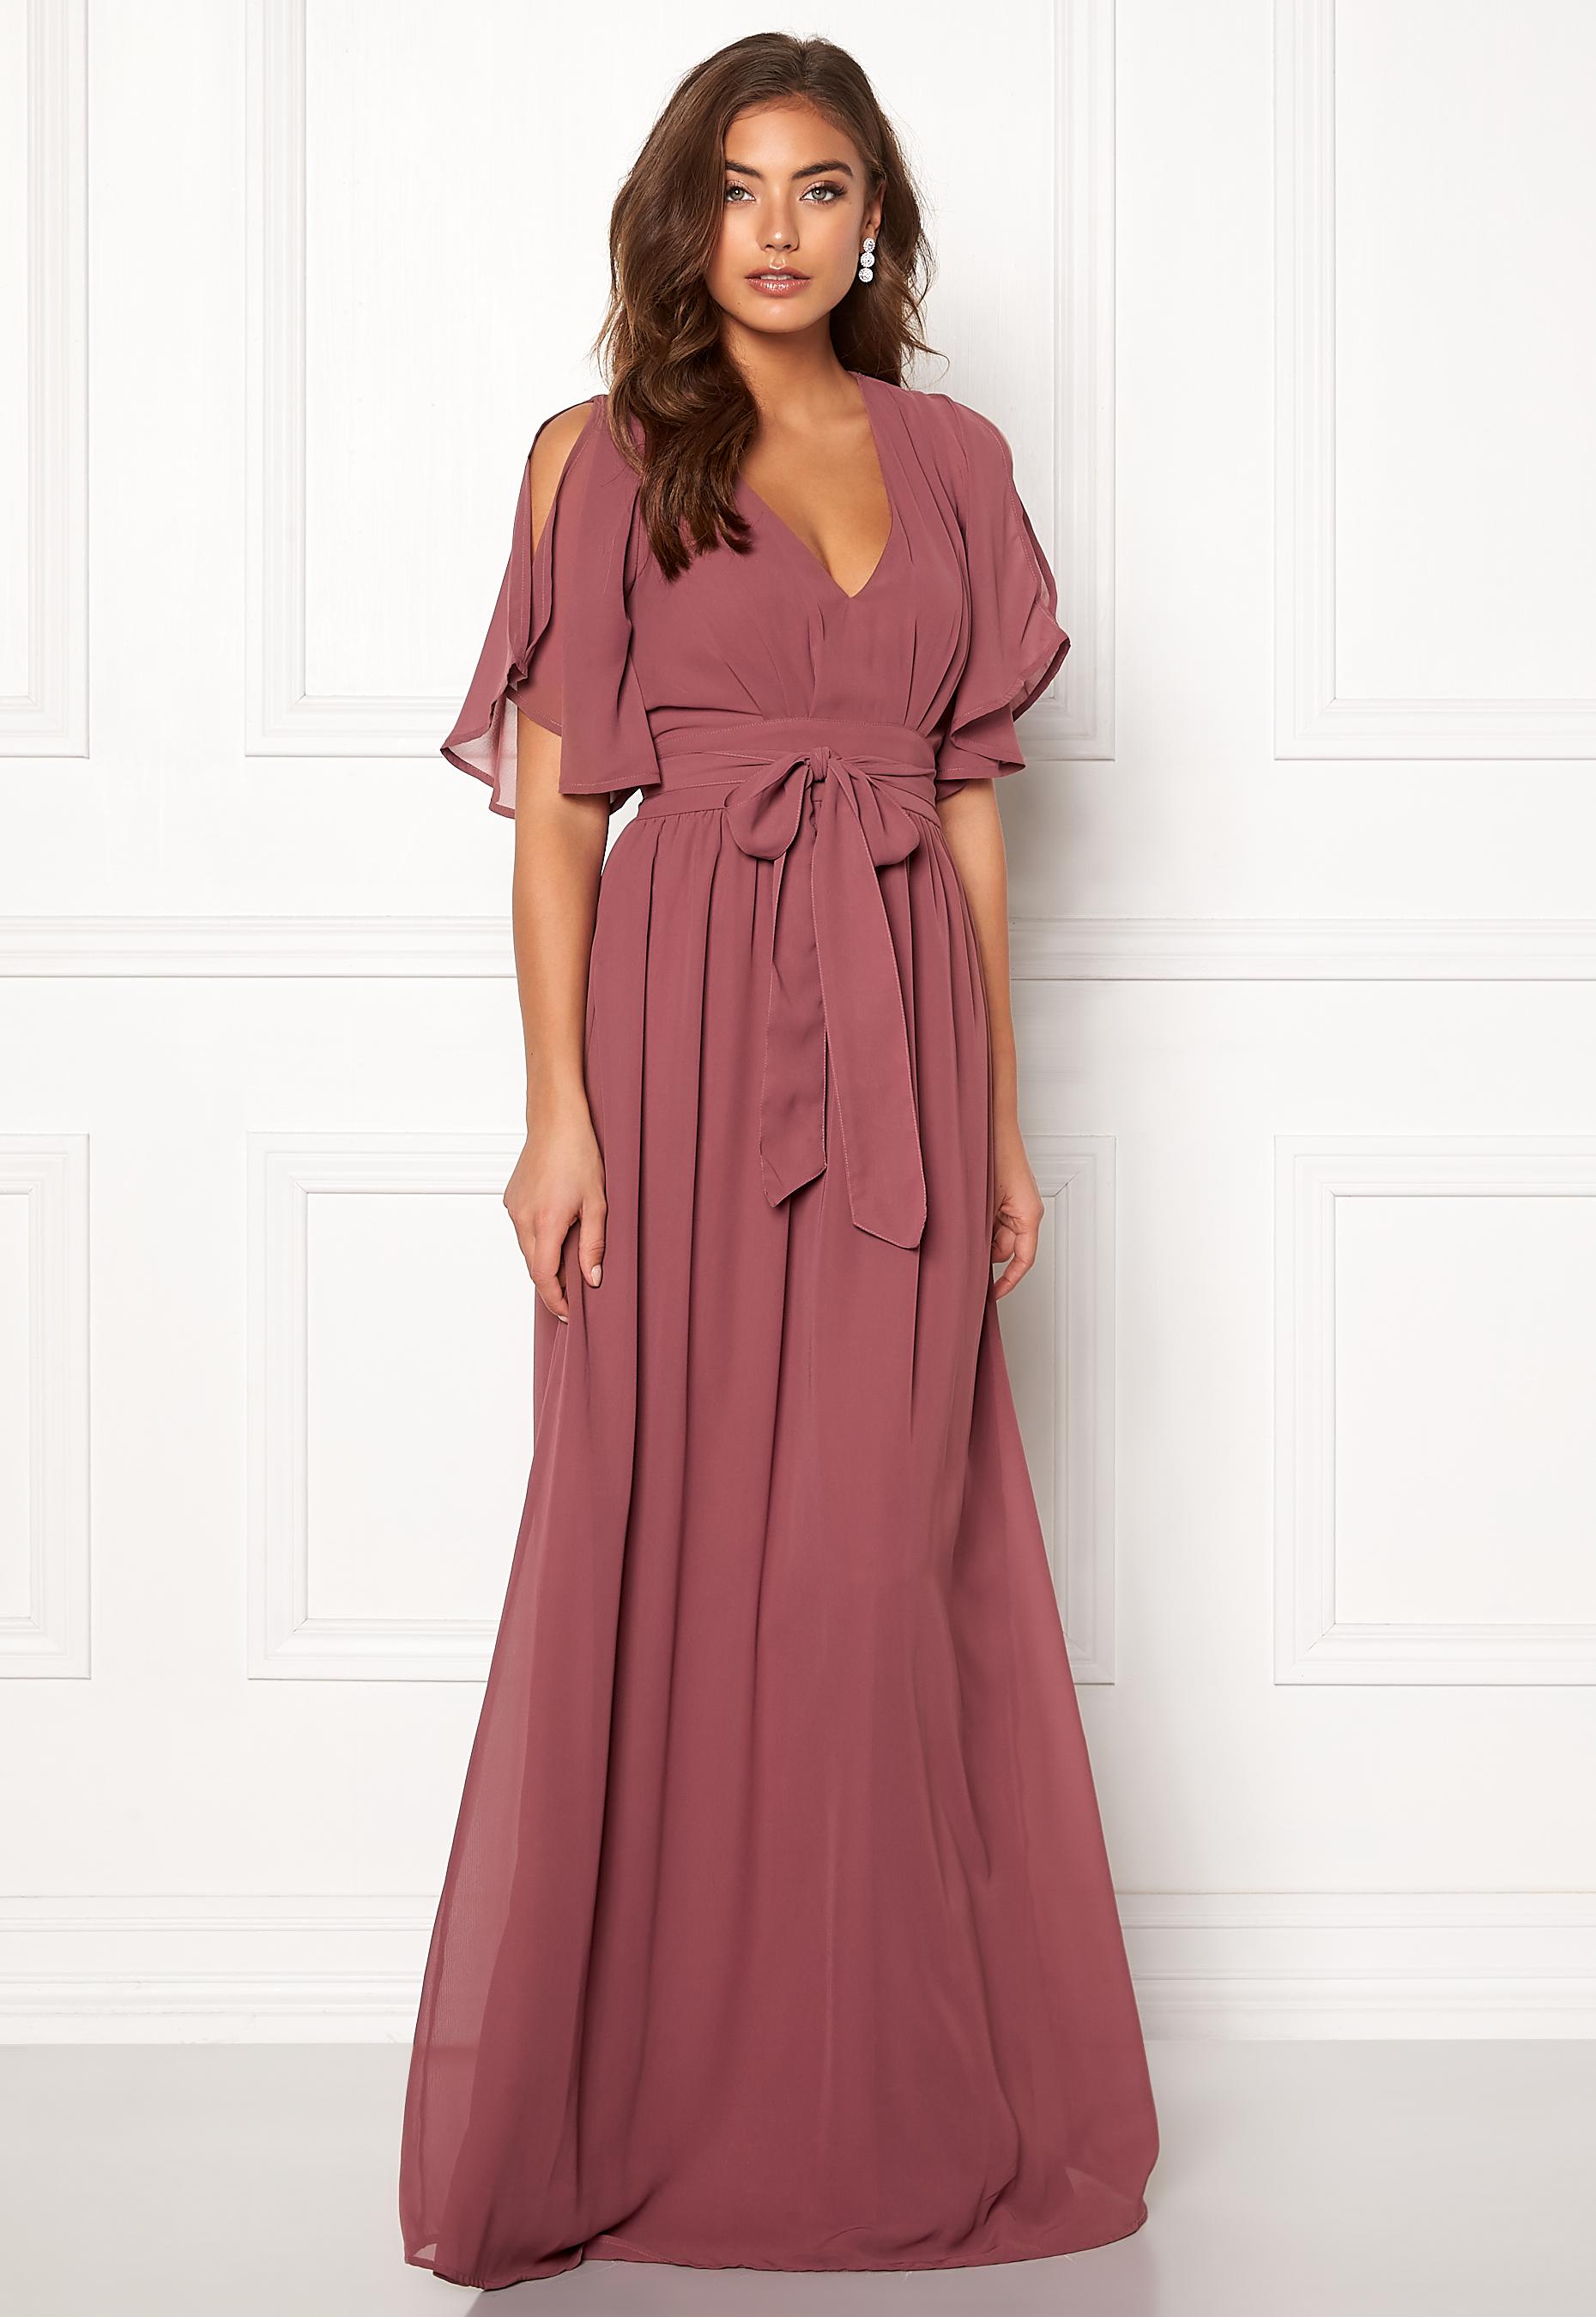 Make Way Isobel dress Old rose - Bubbleroom d2070654ec